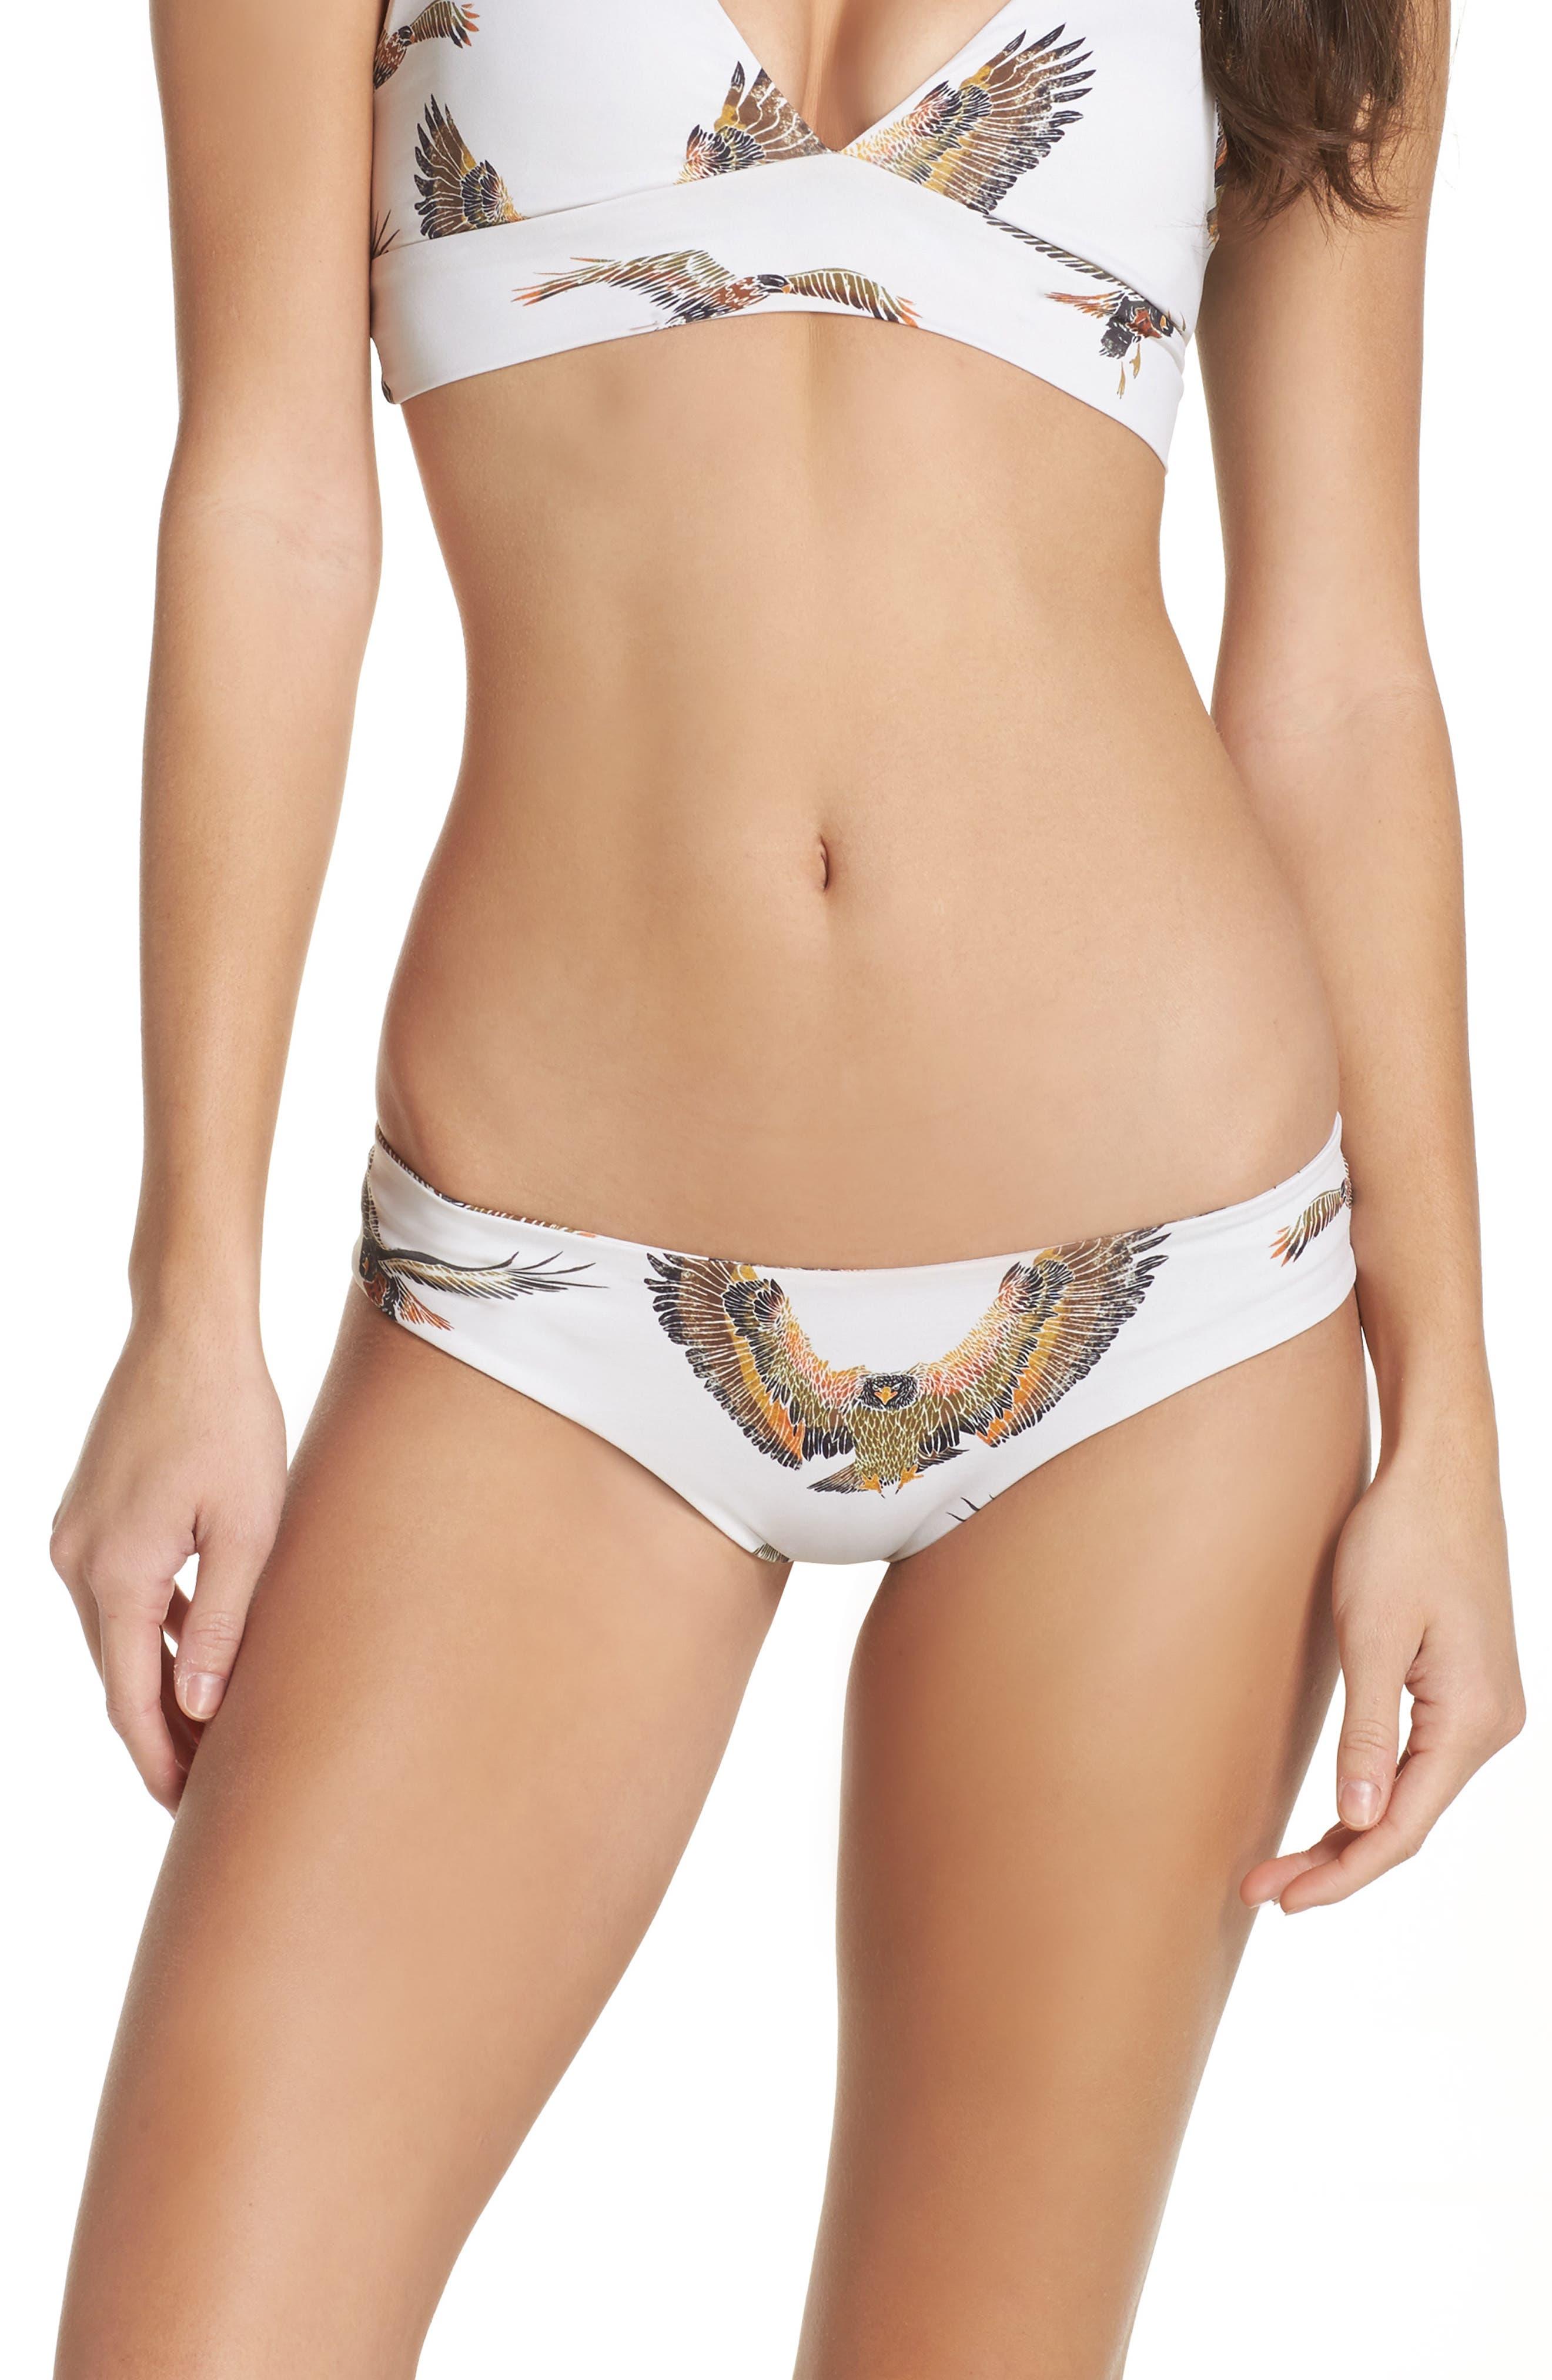 Main Image - Boys + Arrows Kiki the Killer Bikini Bottoms